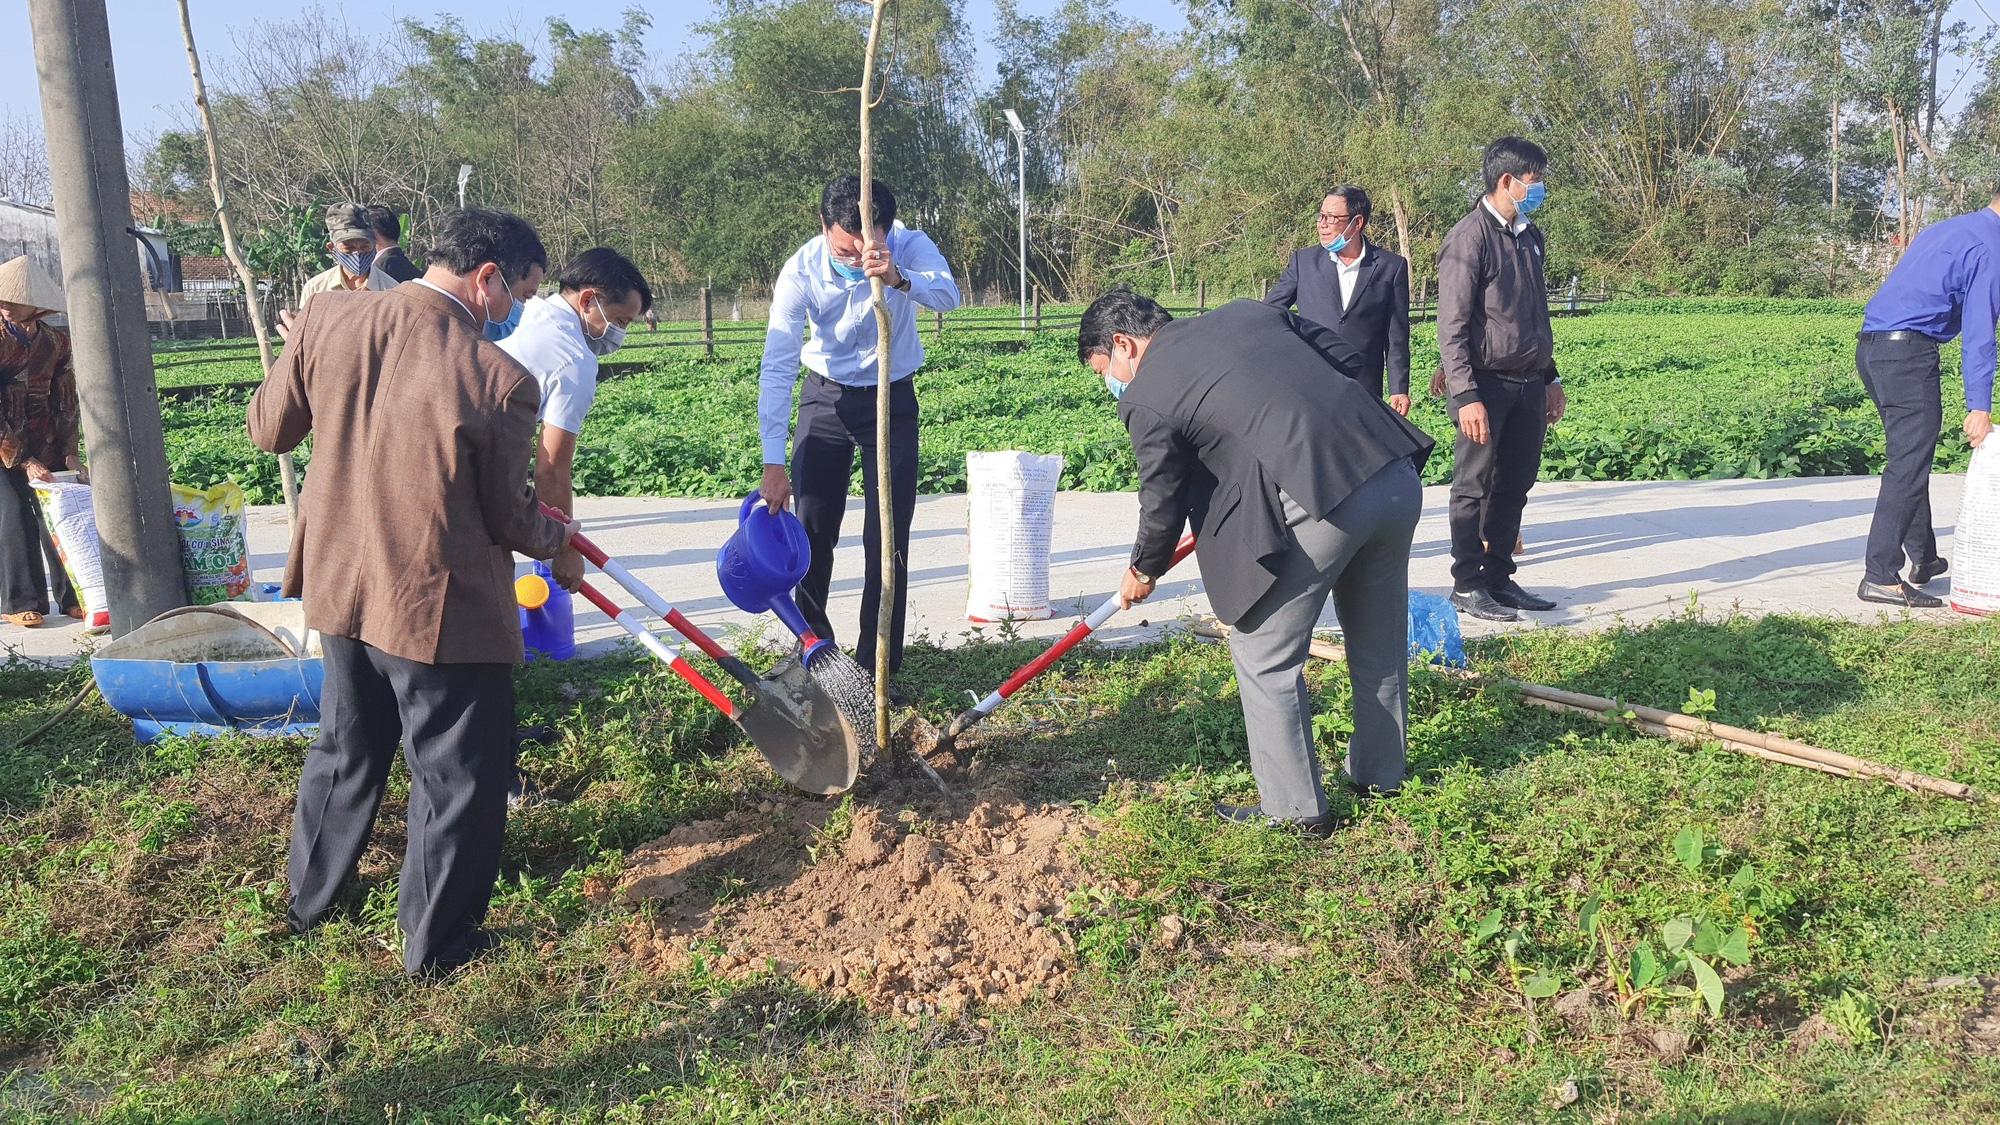 """Hội Nông dân TP Đà Nẵng tổ chức Lễ phát động """"Tết trồng cây đời đời nhớ ơn Bác Hồ"""" năm 2021 - Ảnh 3."""